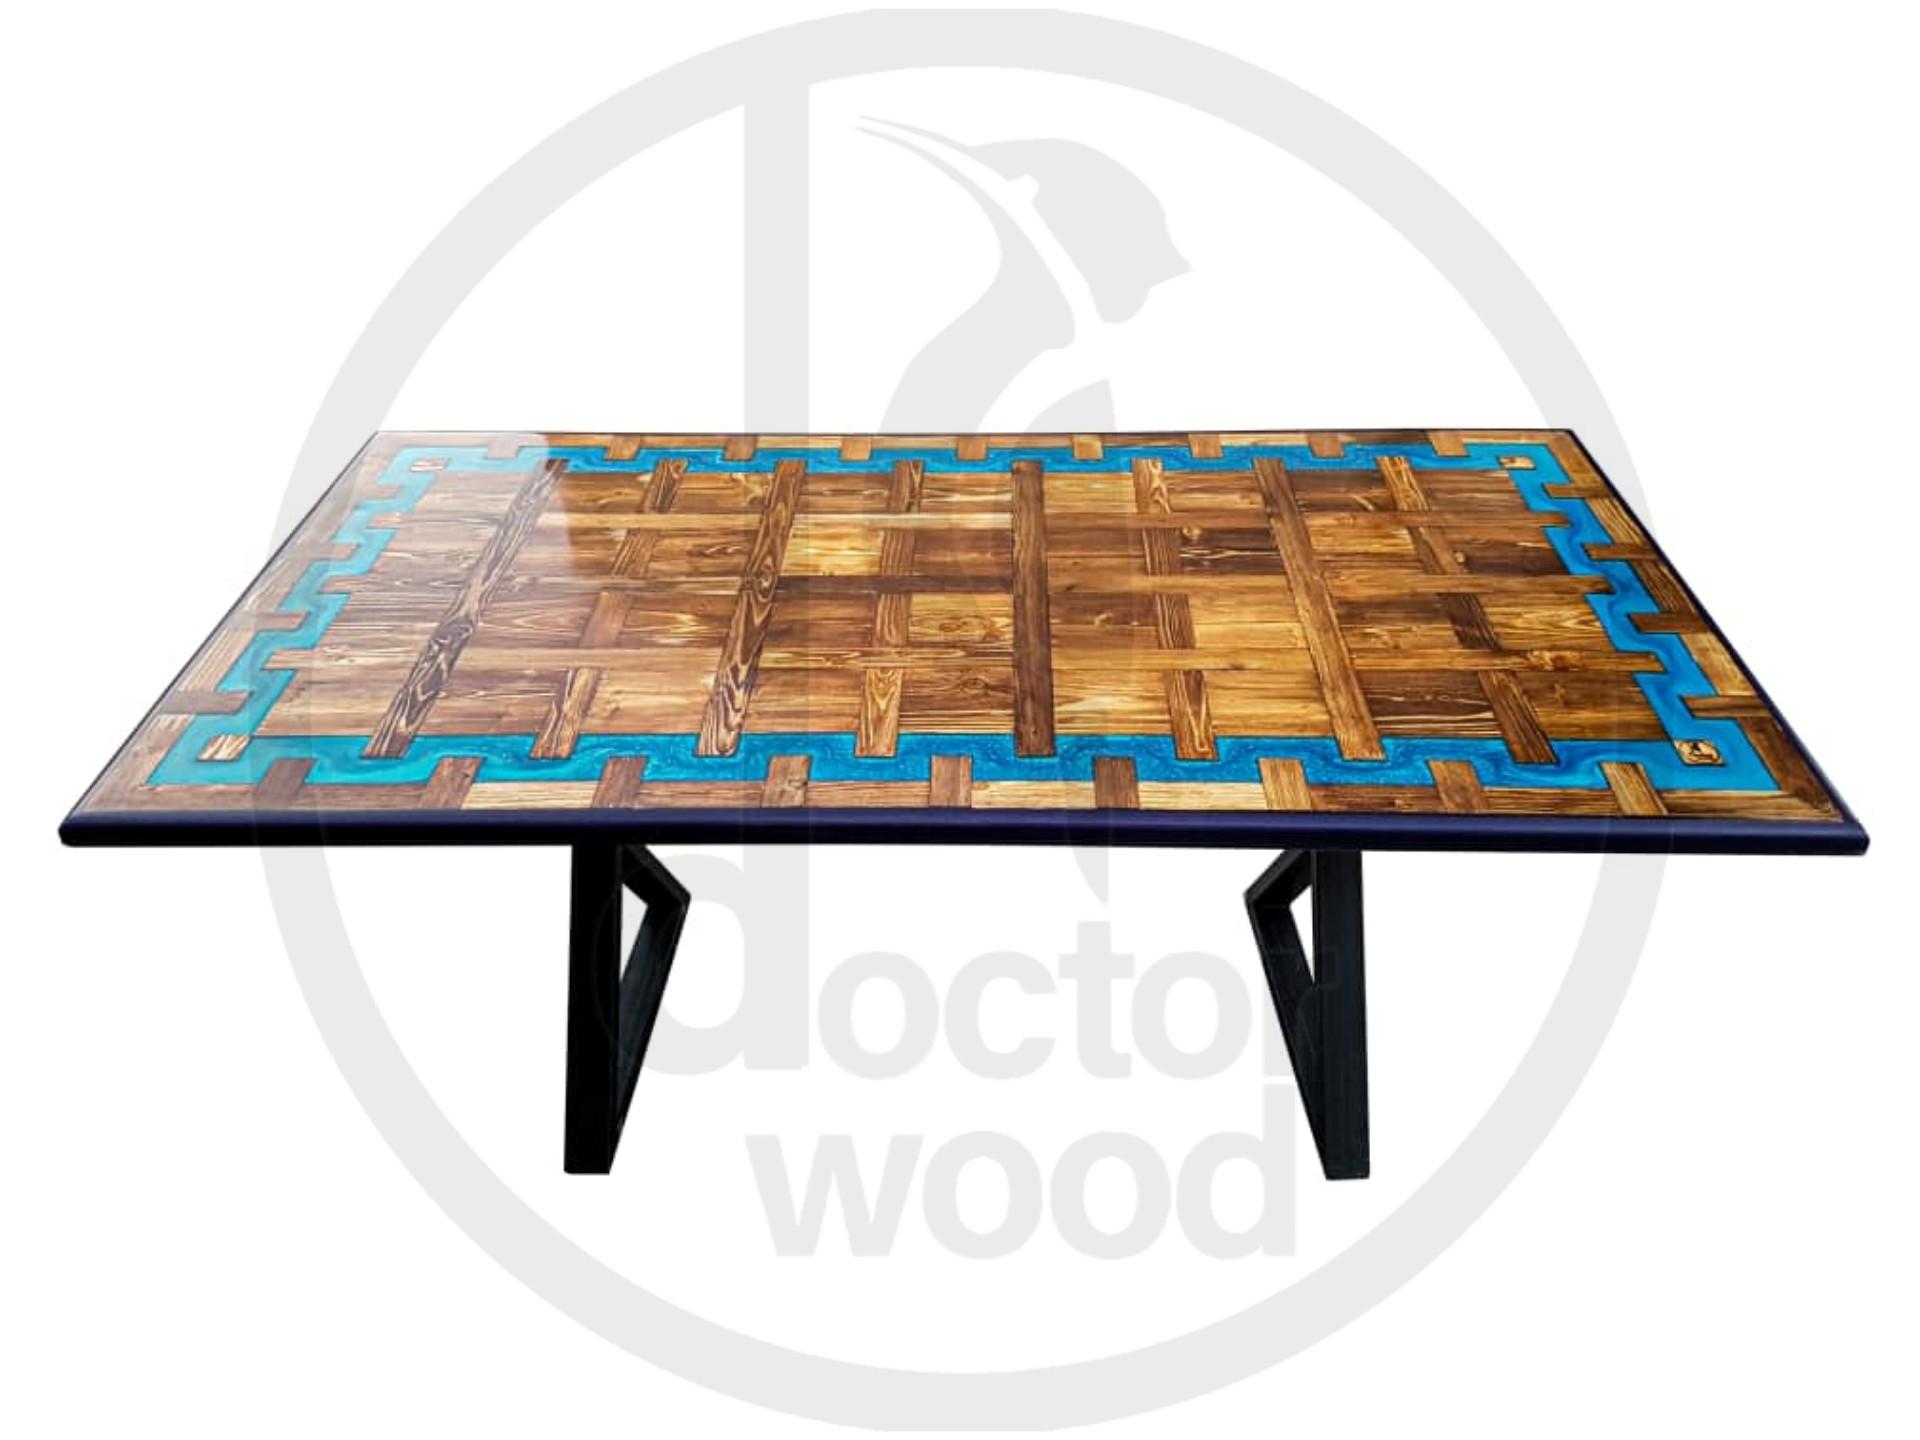 تولید انواع میز های ترکیبی چوب و رزین اپوکسی